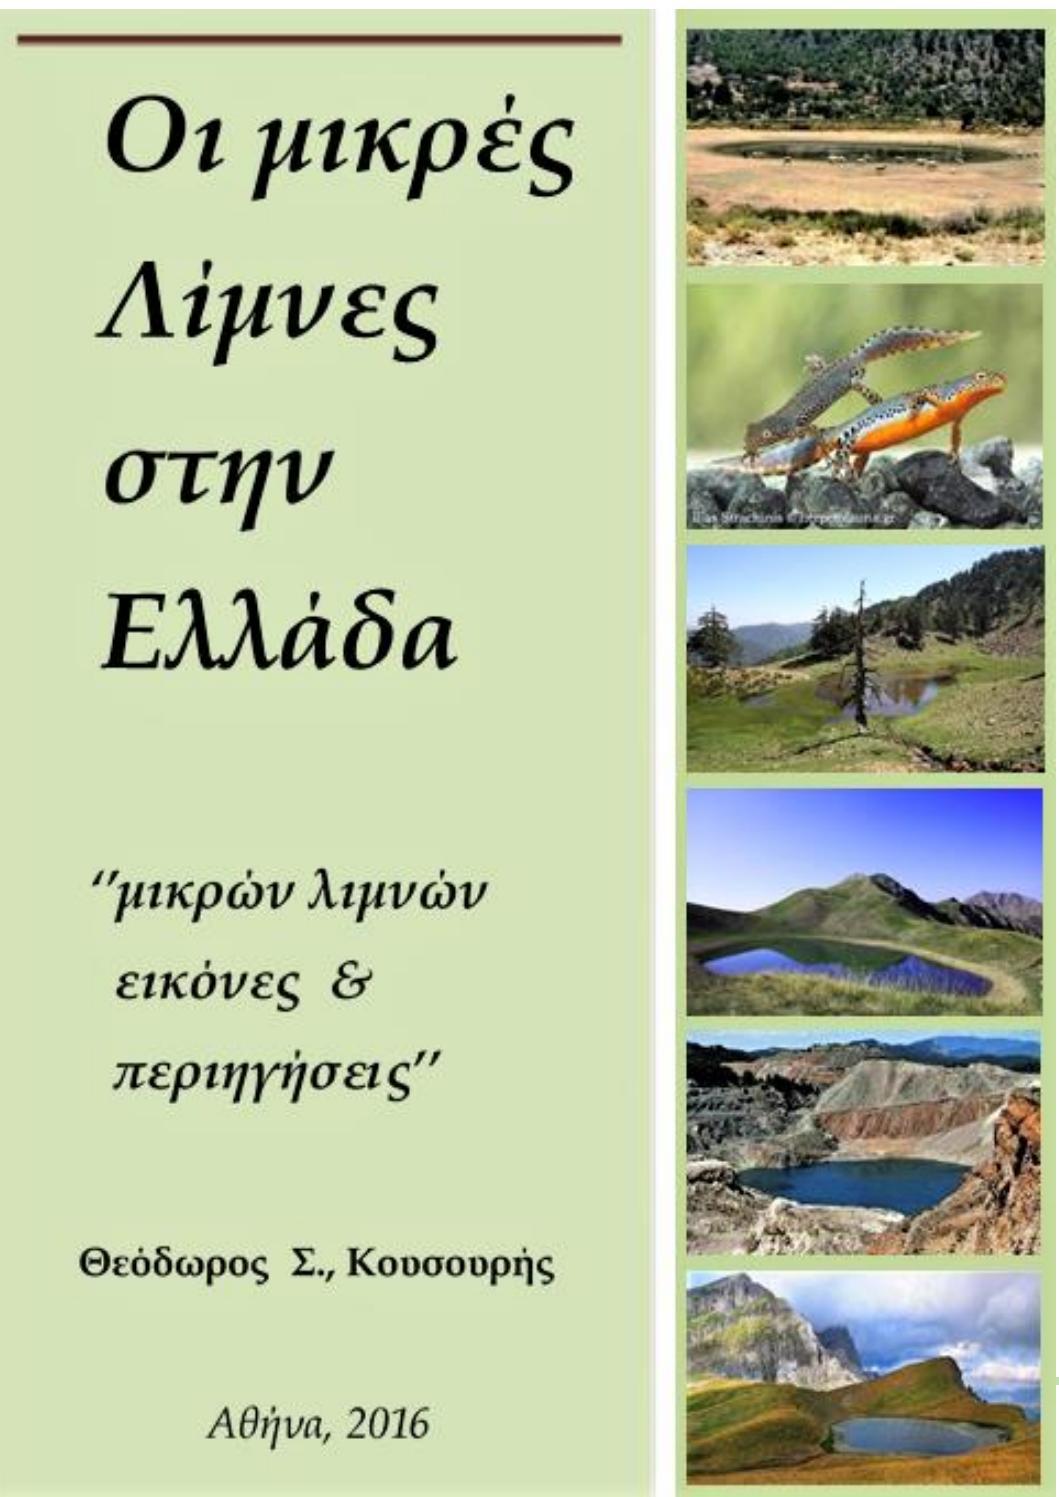 Οι μικρές Λίμνες στην Ελλάδα by tkouss - issuu 01207c891e6